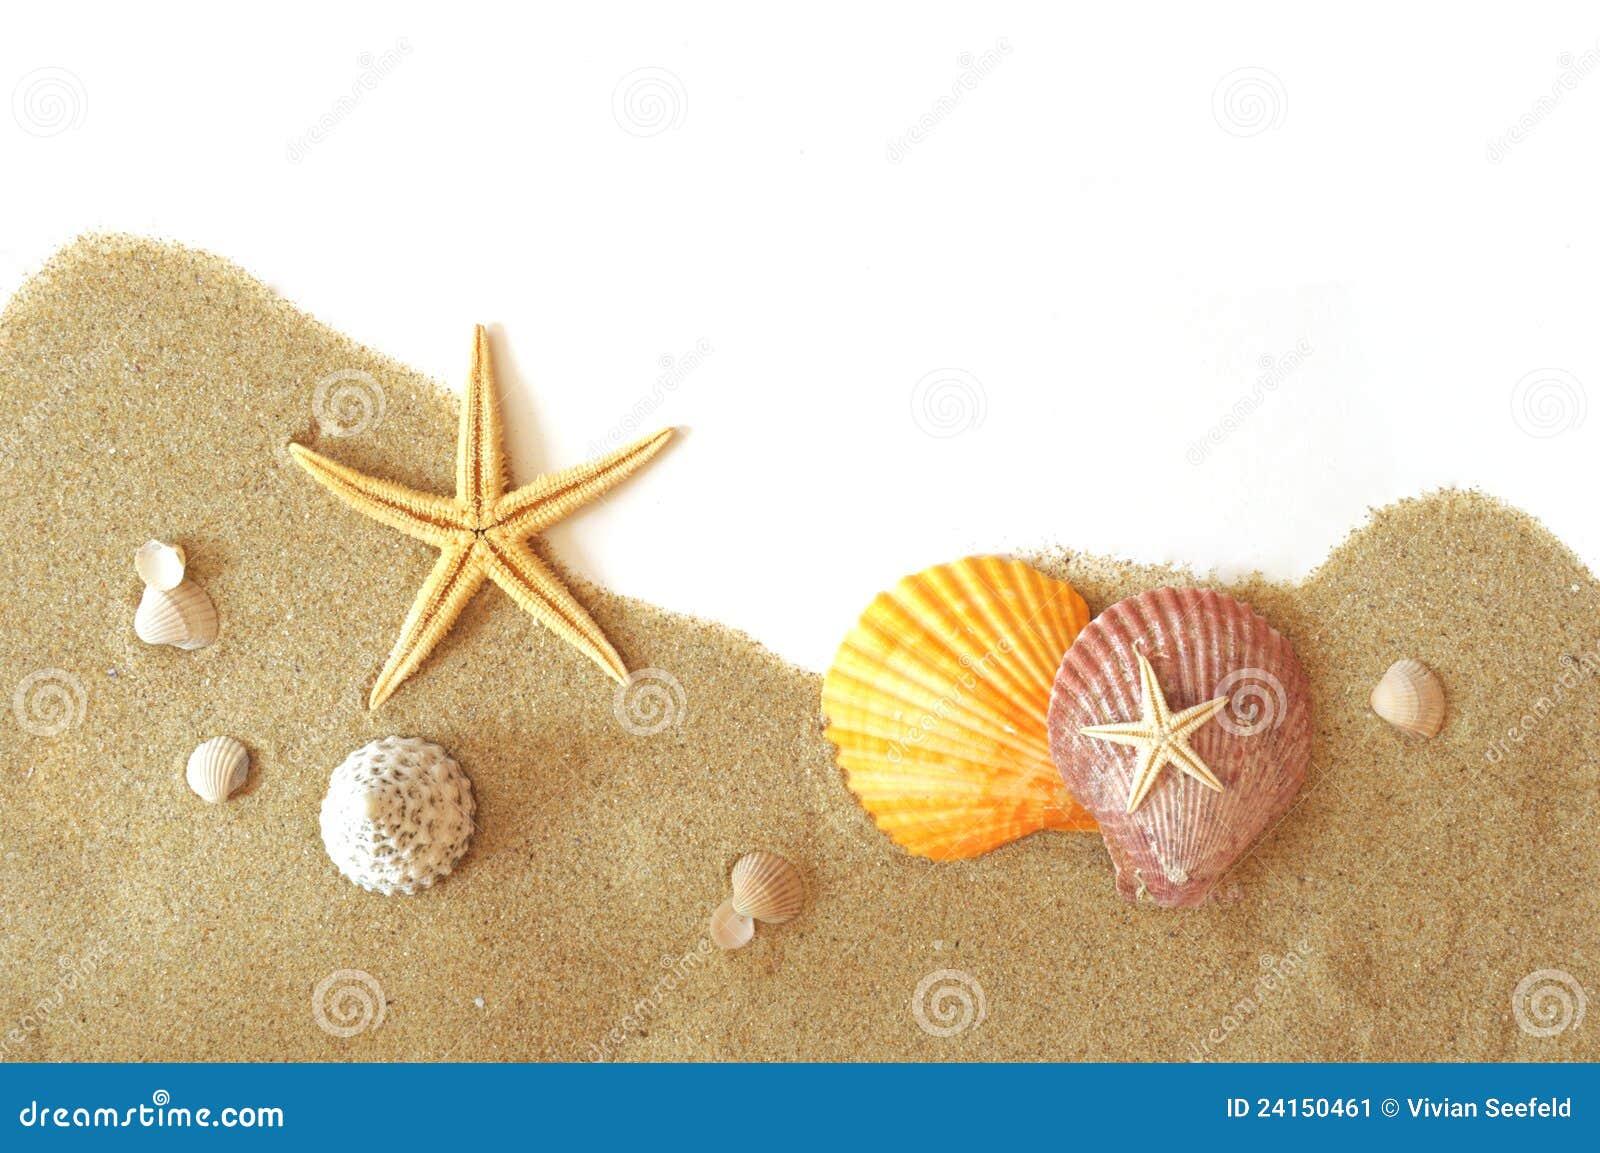 beach scene clipart border. sand and seastar border stock beach scene clipart